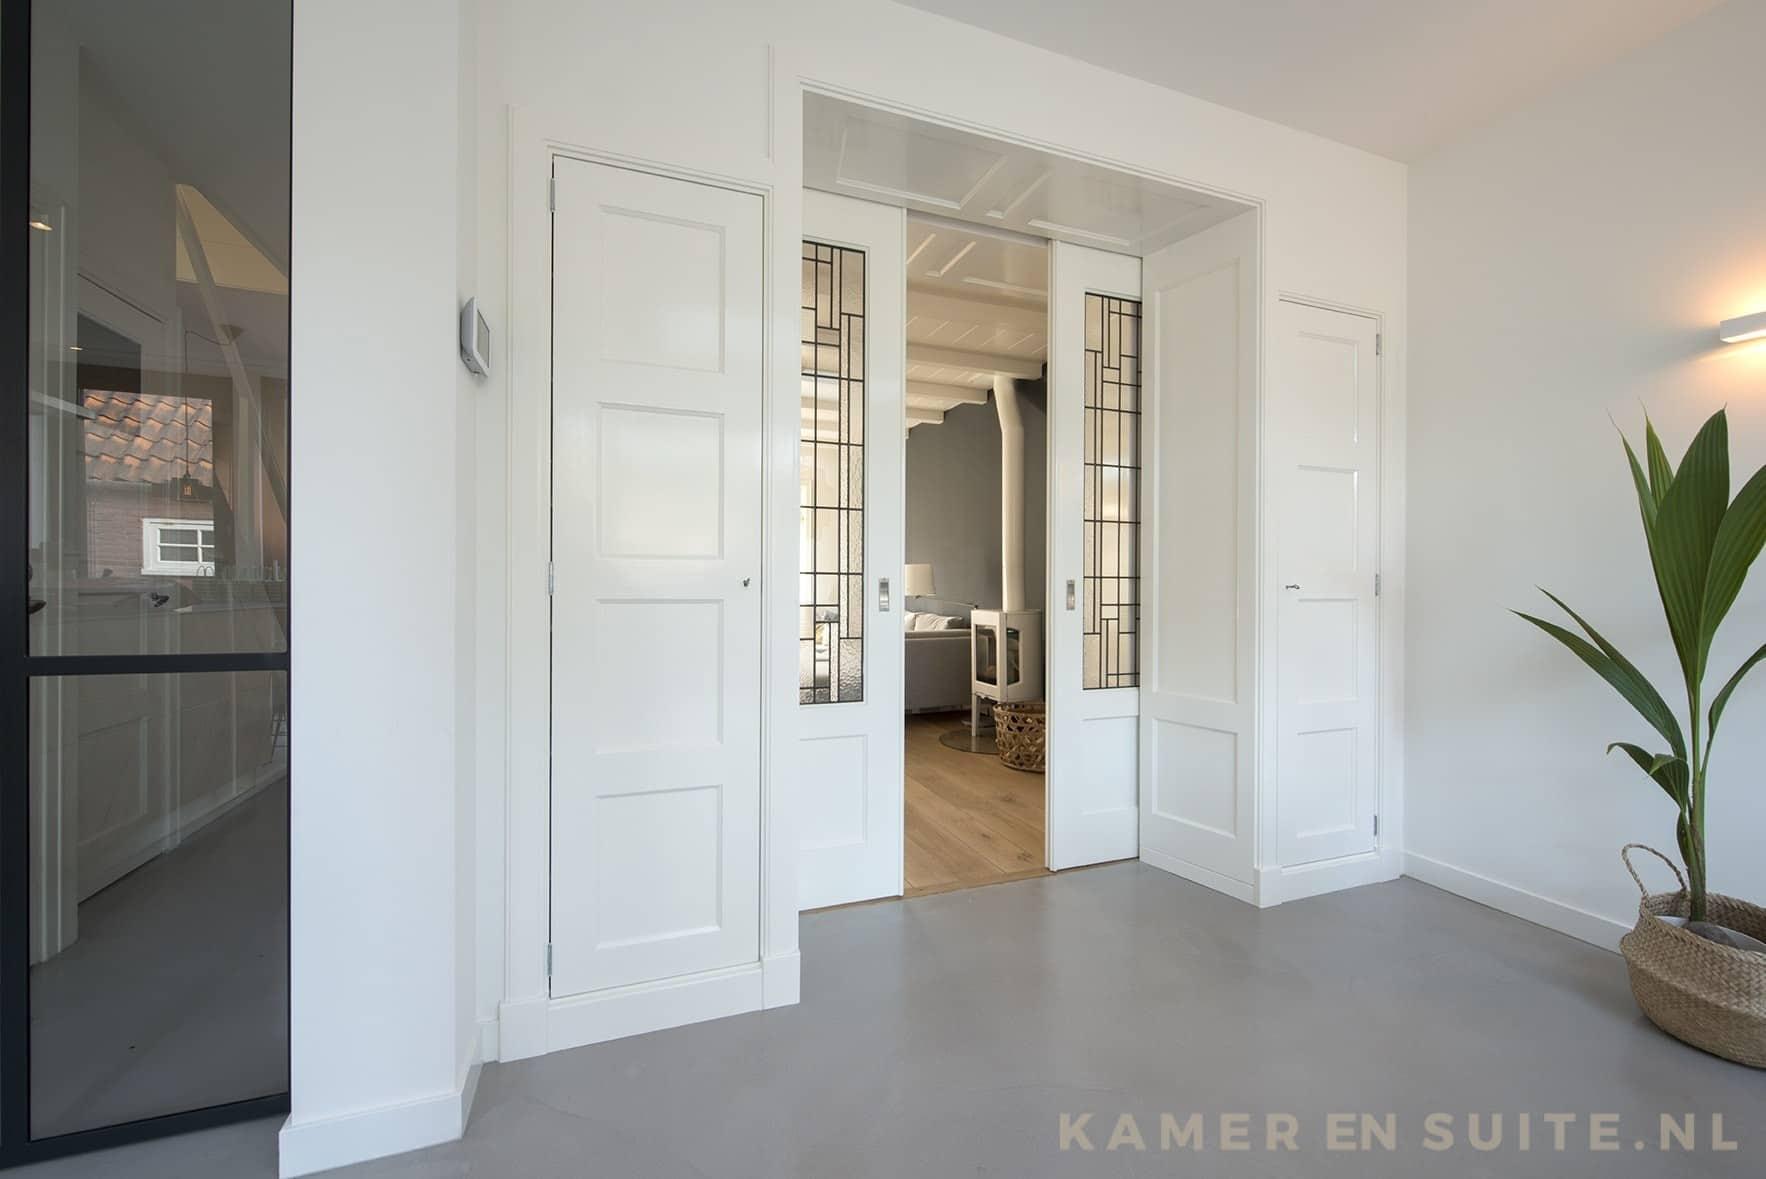 Stalen Ensuite Deuren : Kamer en suite deuren maak nu een afspraak thuis of in onze